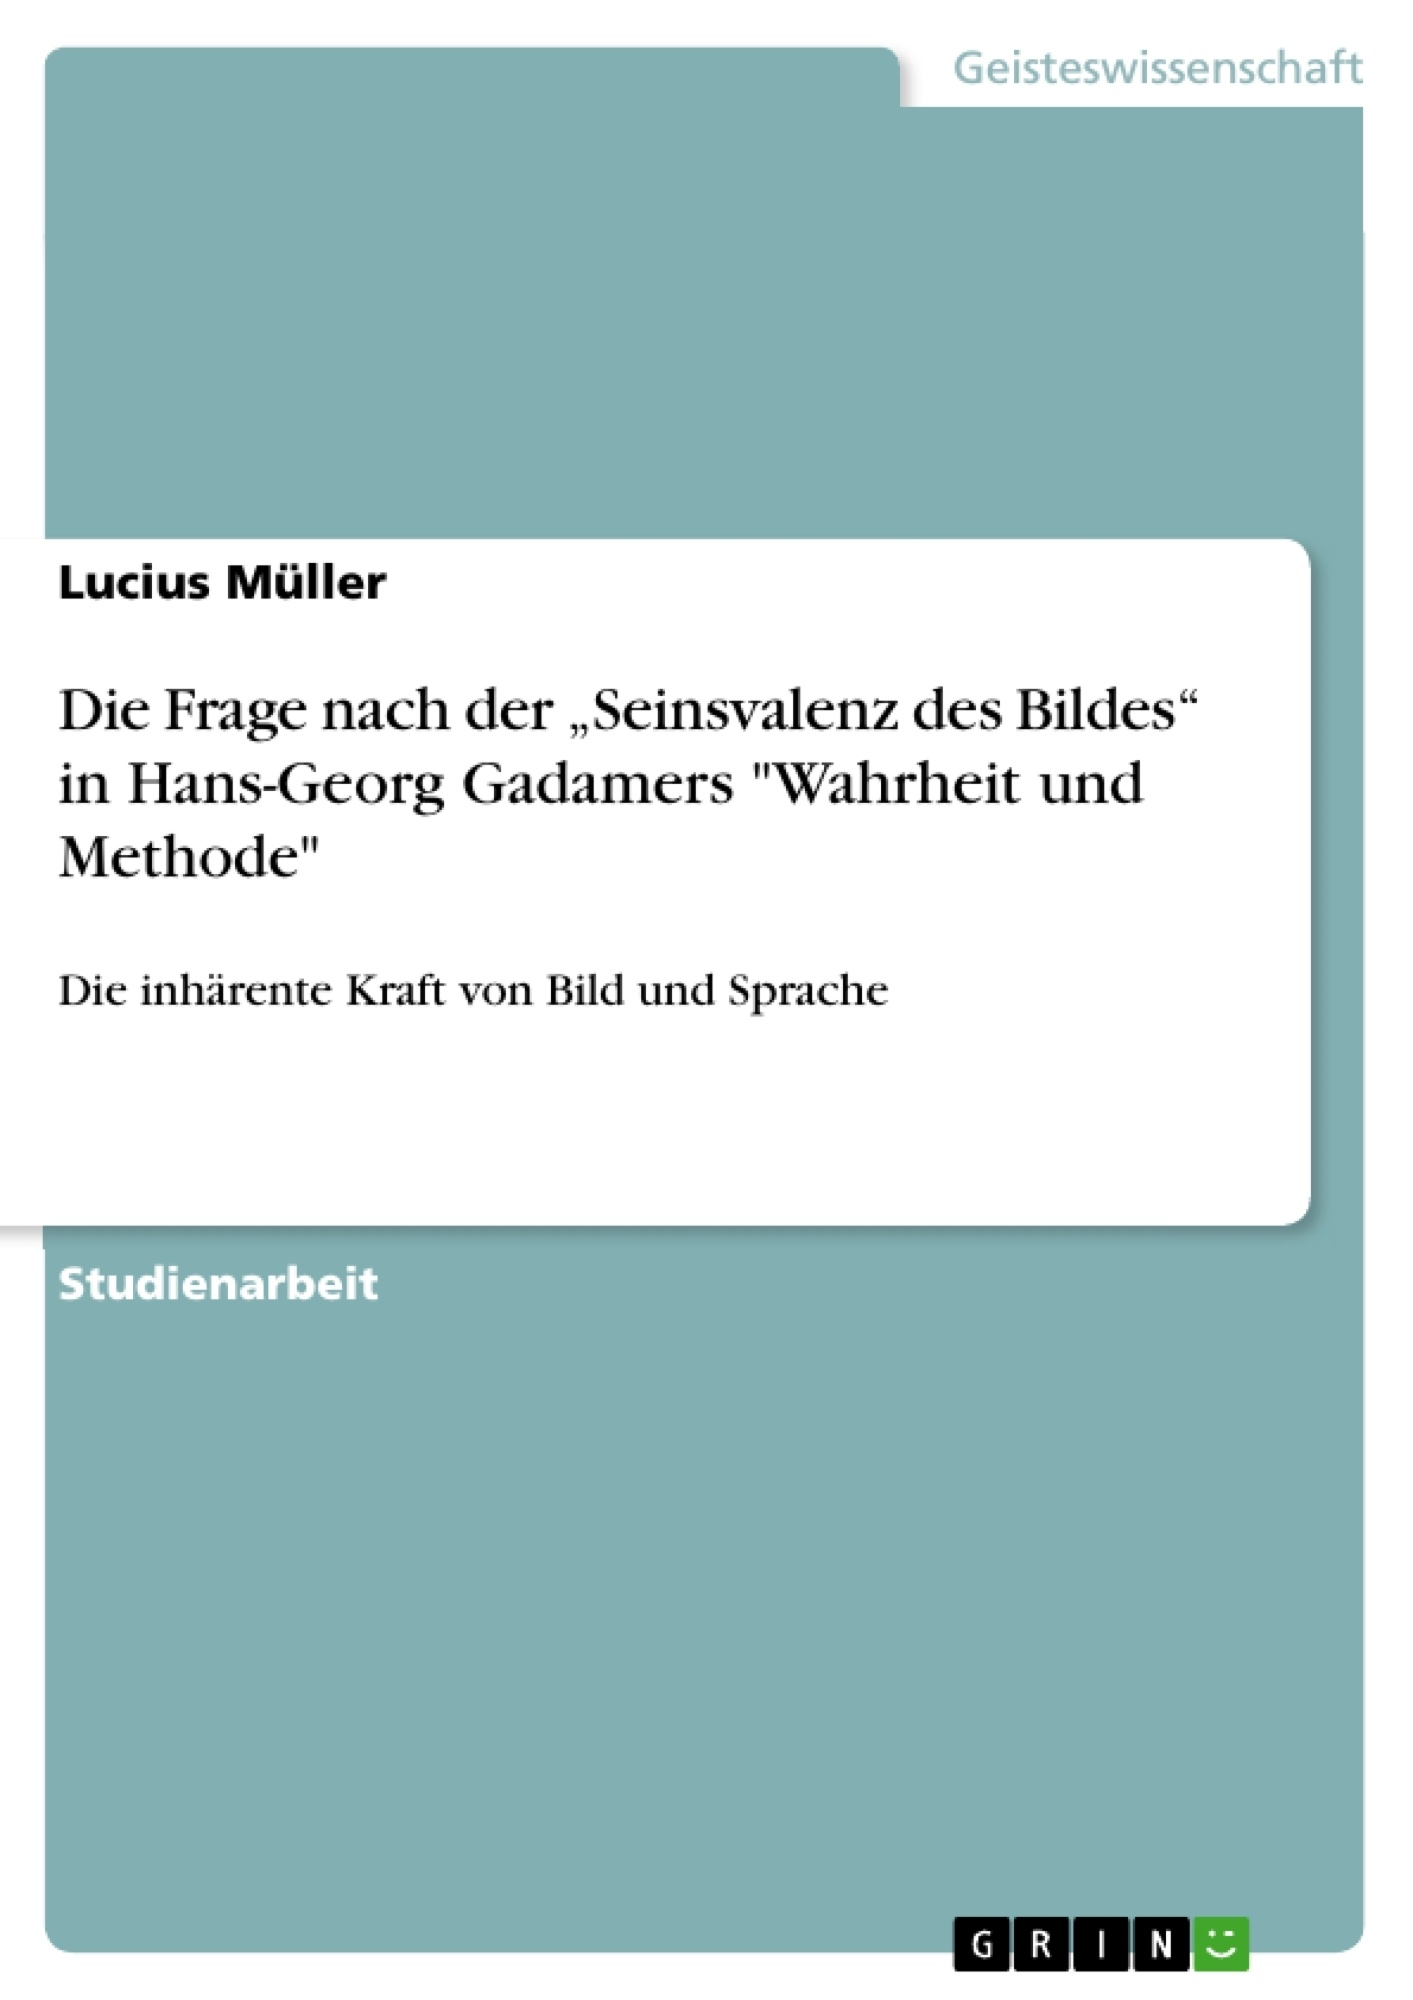 """Titel: Die Frage nach der """"Seinsvalenz des Bildes"""" in Hans-Georg Gadamers """"Wahrheit und Methode"""""""